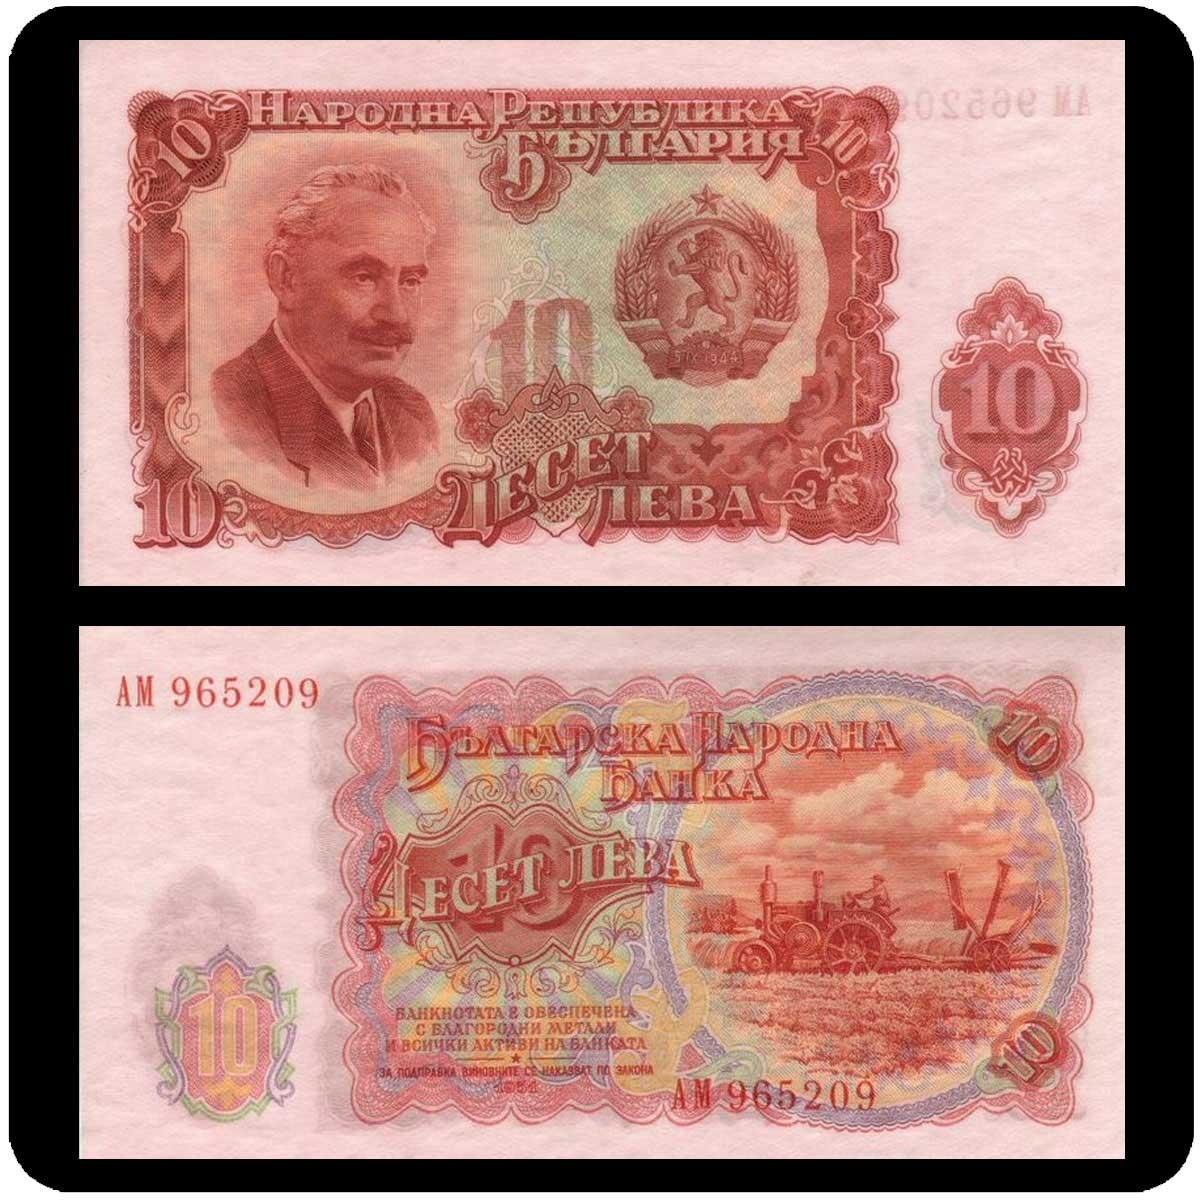 картинки болгарских денег был многих местах